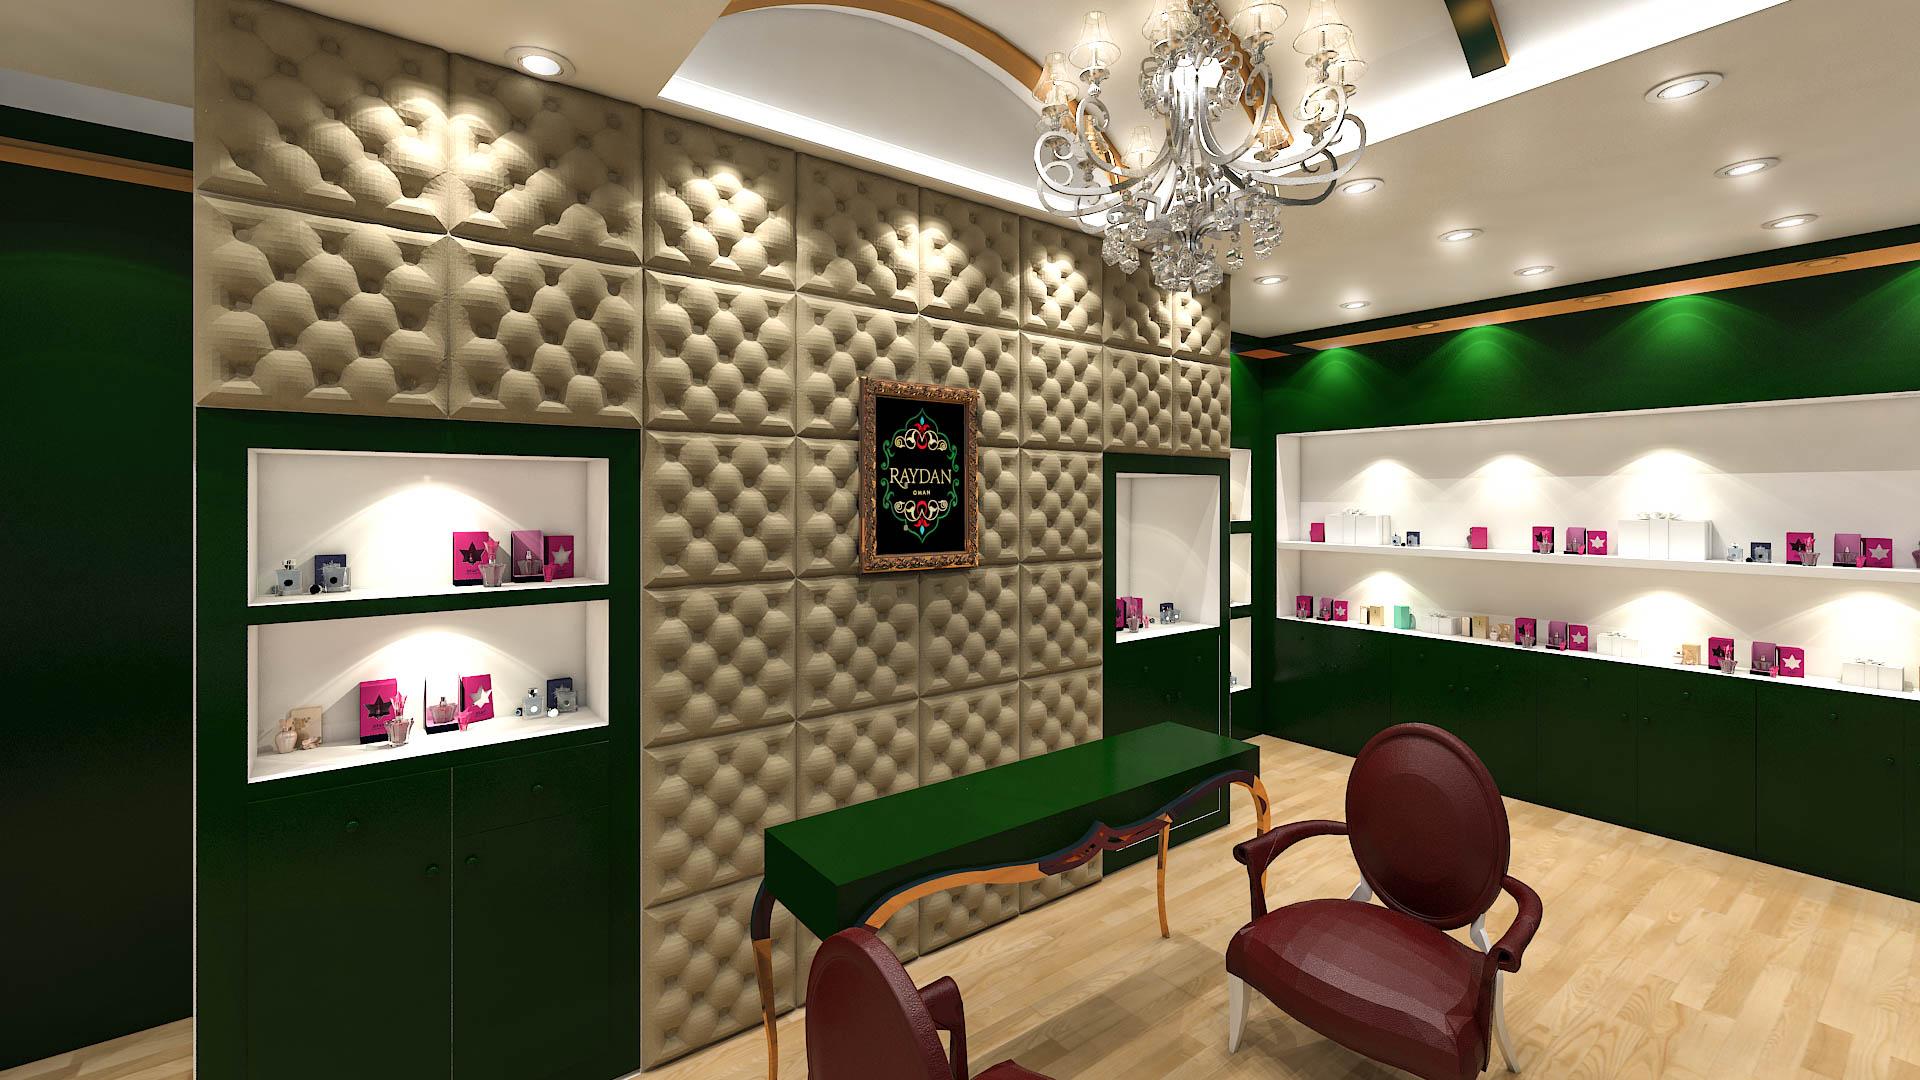 Raydan Perfumes Al Tawar Mall -Qatar